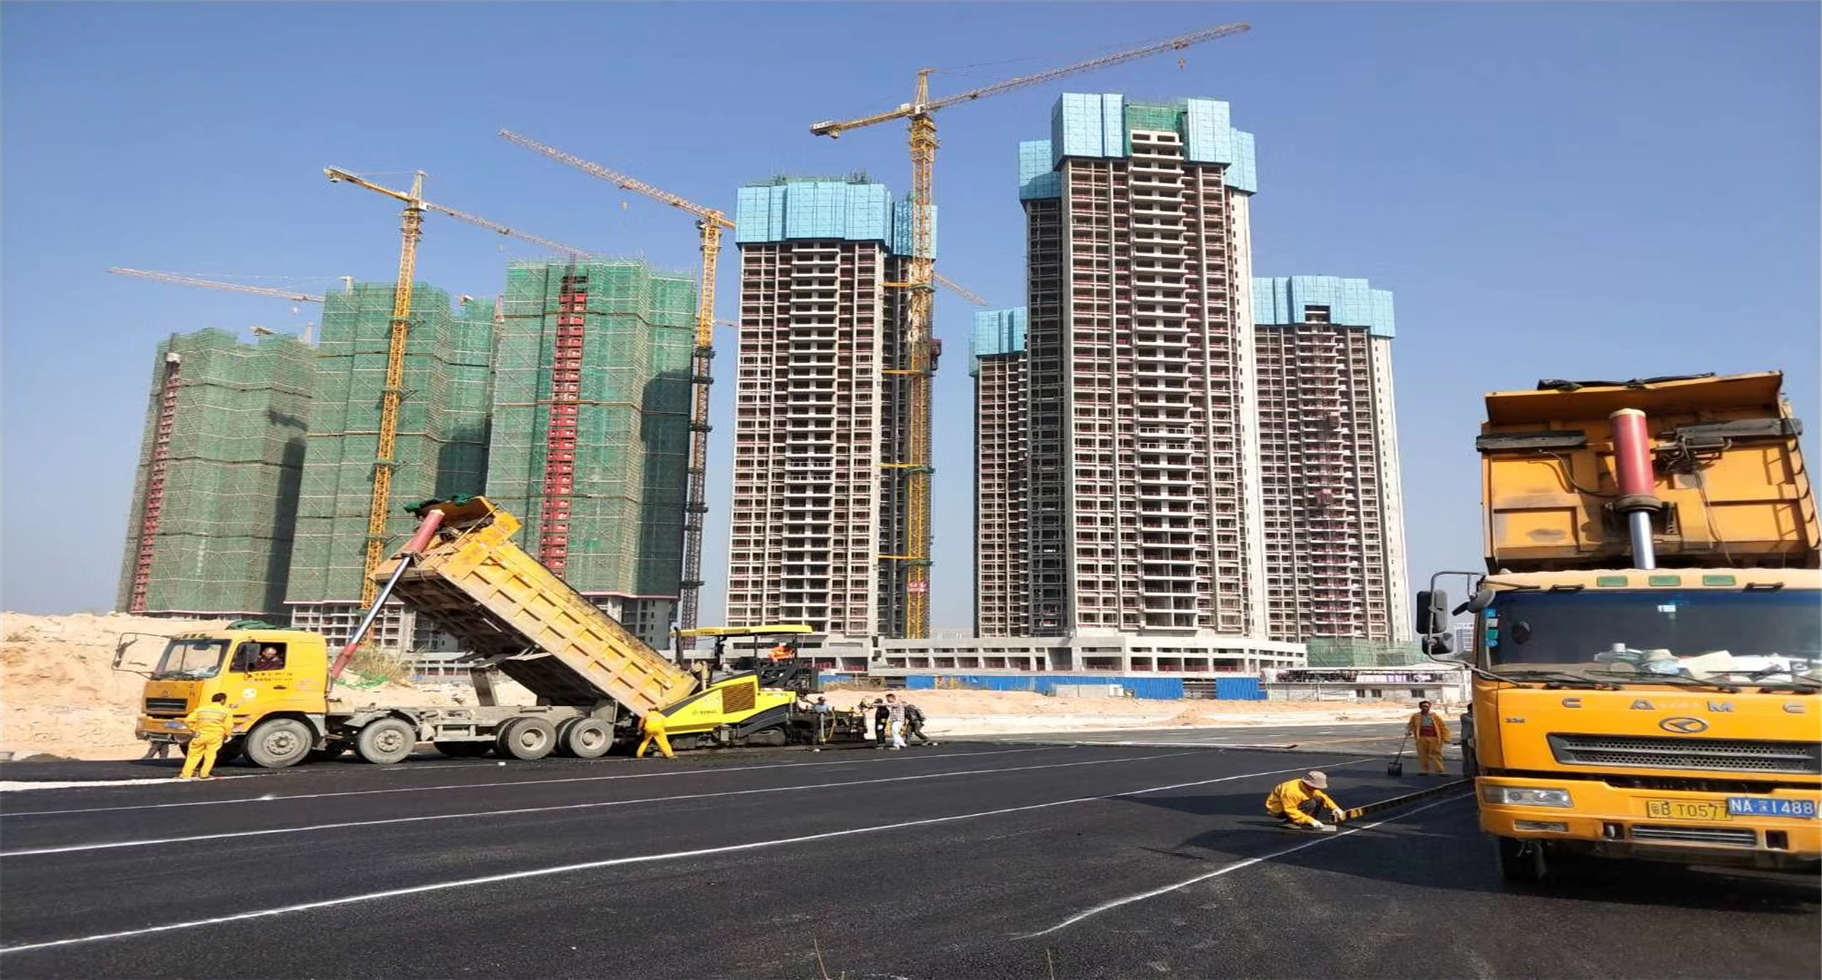 天河透水彩色混凝土路面承包施工制造商,沥青混凝土生产SBSAC-沥青混凝土生产SMA